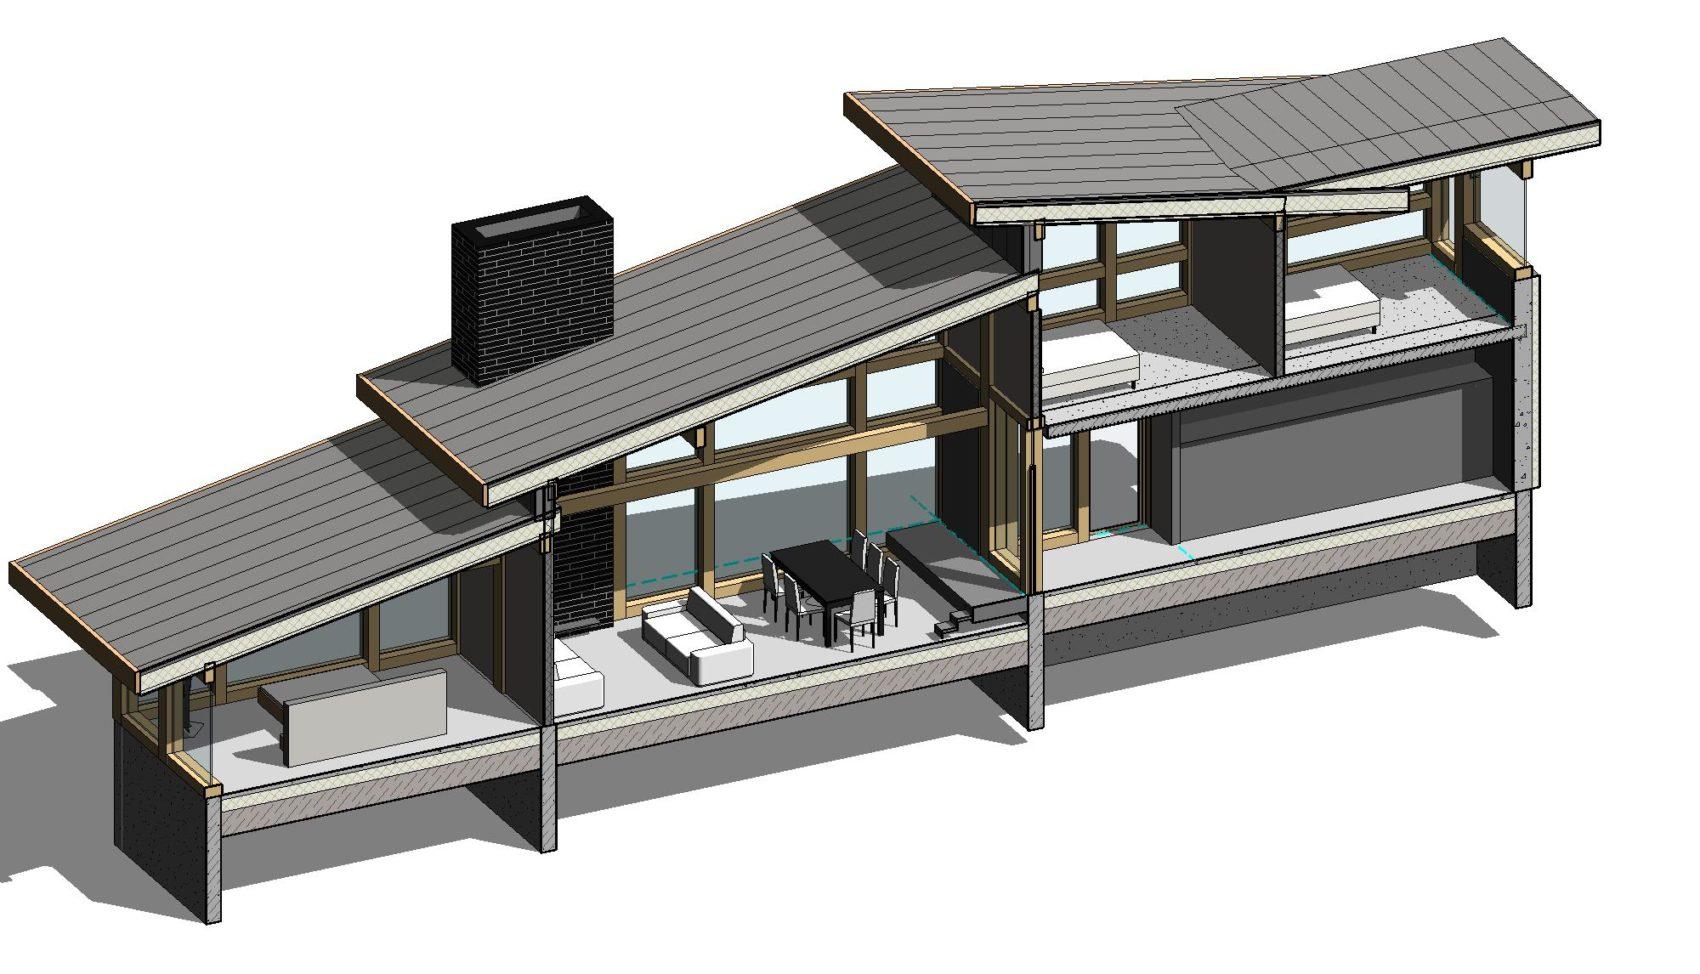 план этажа комбинированный фахверковый дом